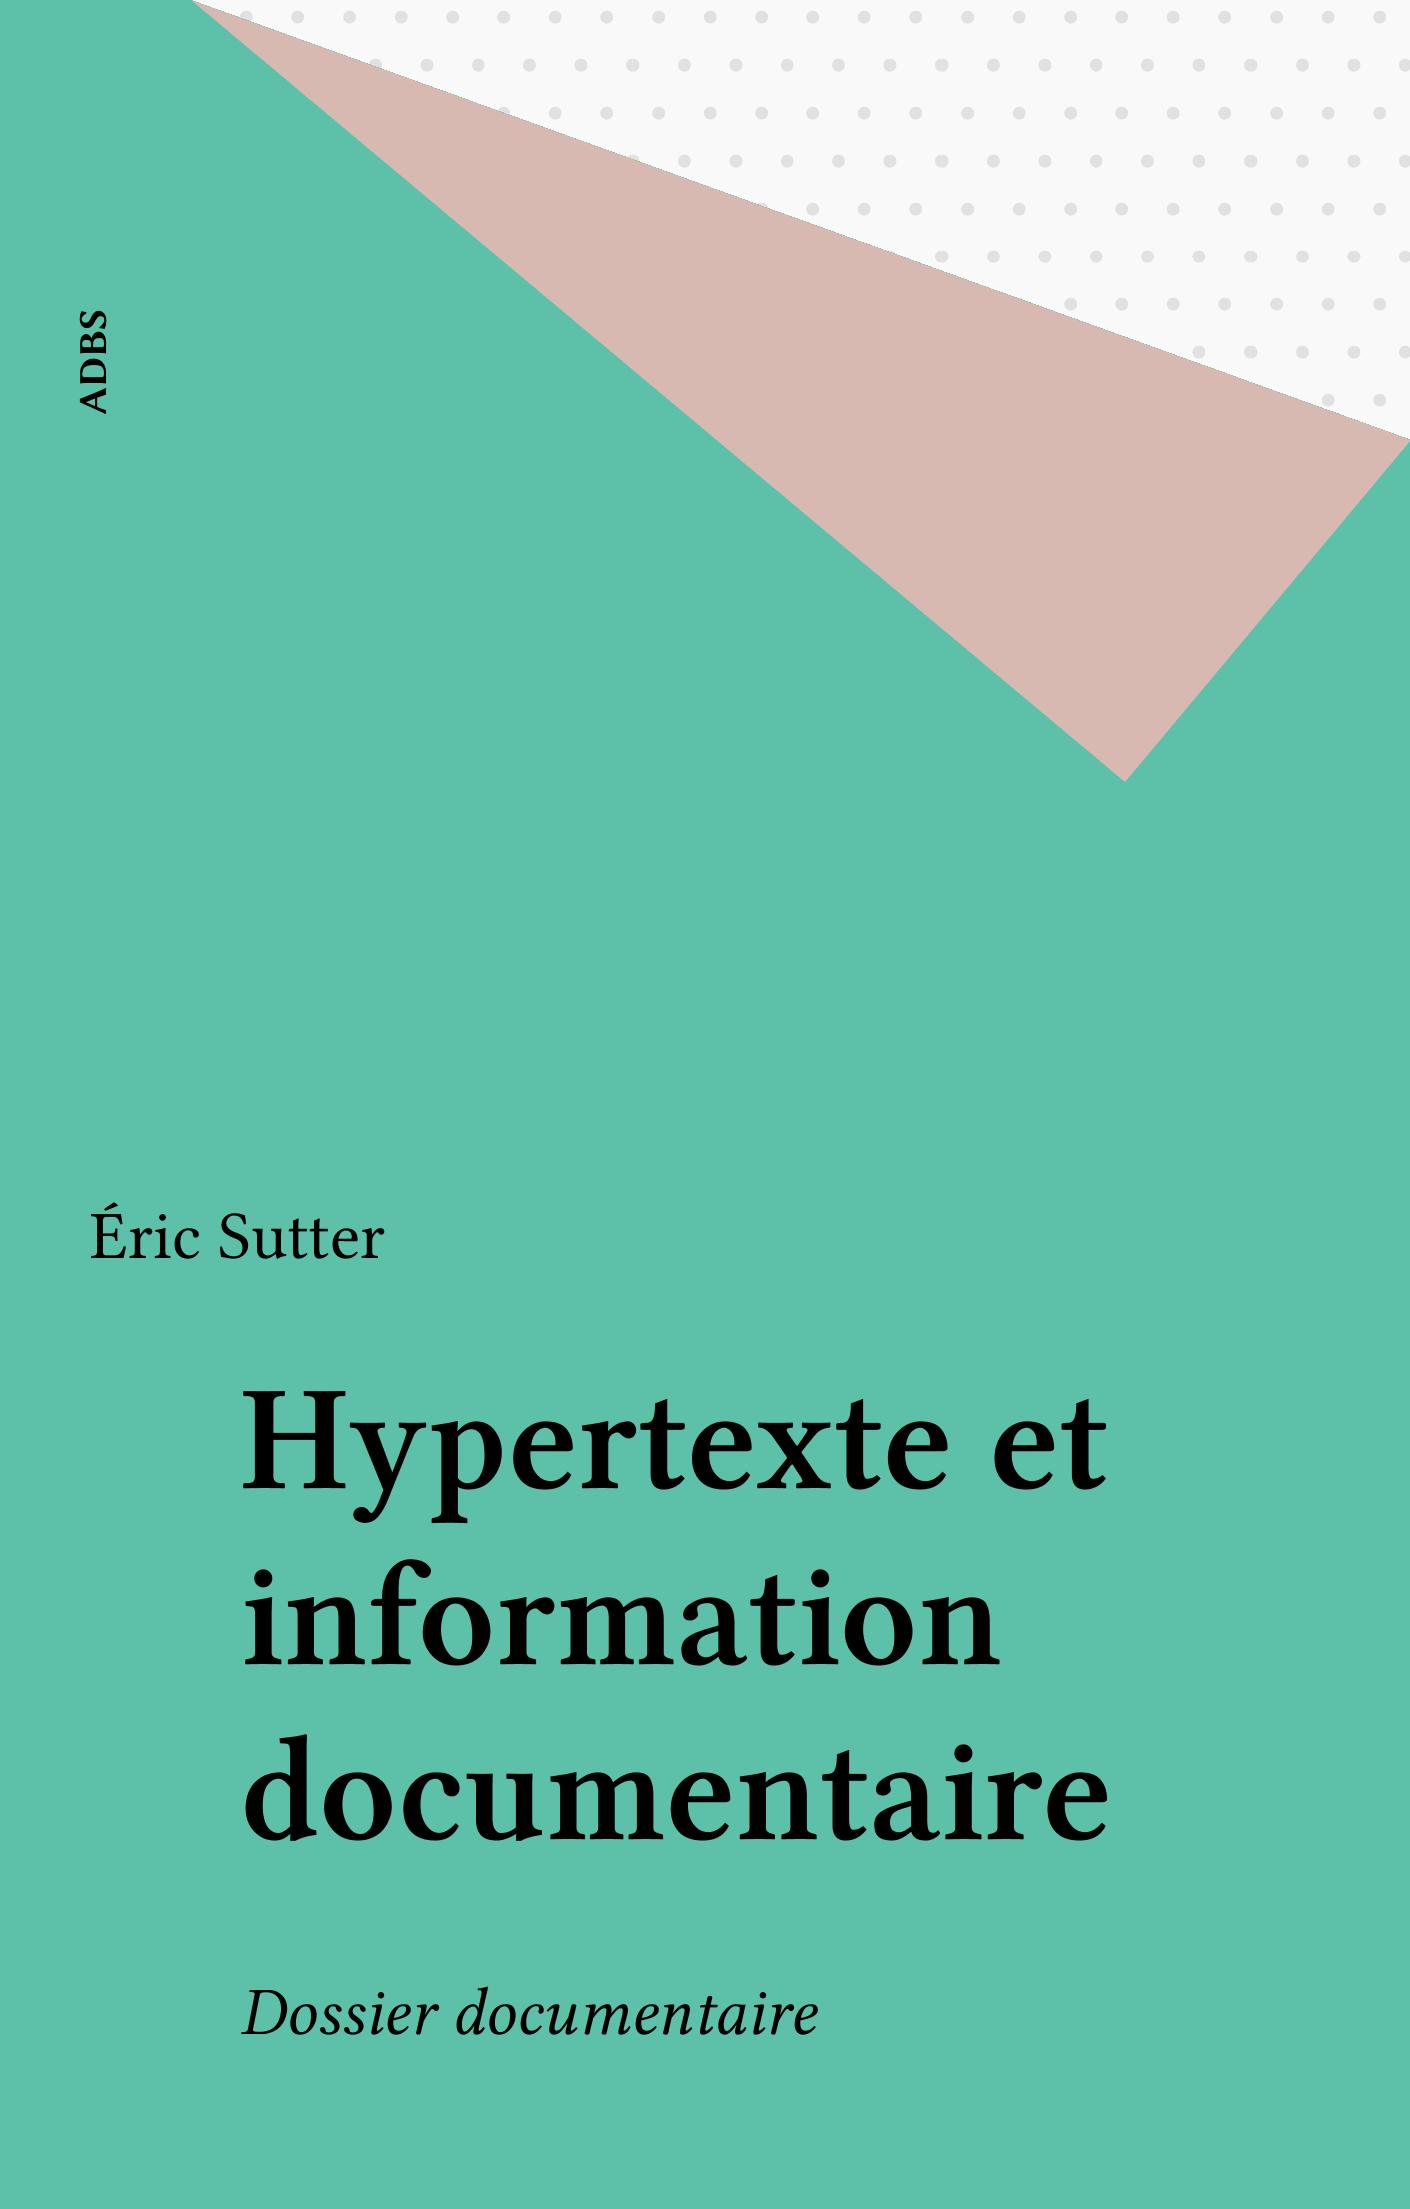 Hypertexte et information documentaire, Dossier documentaire